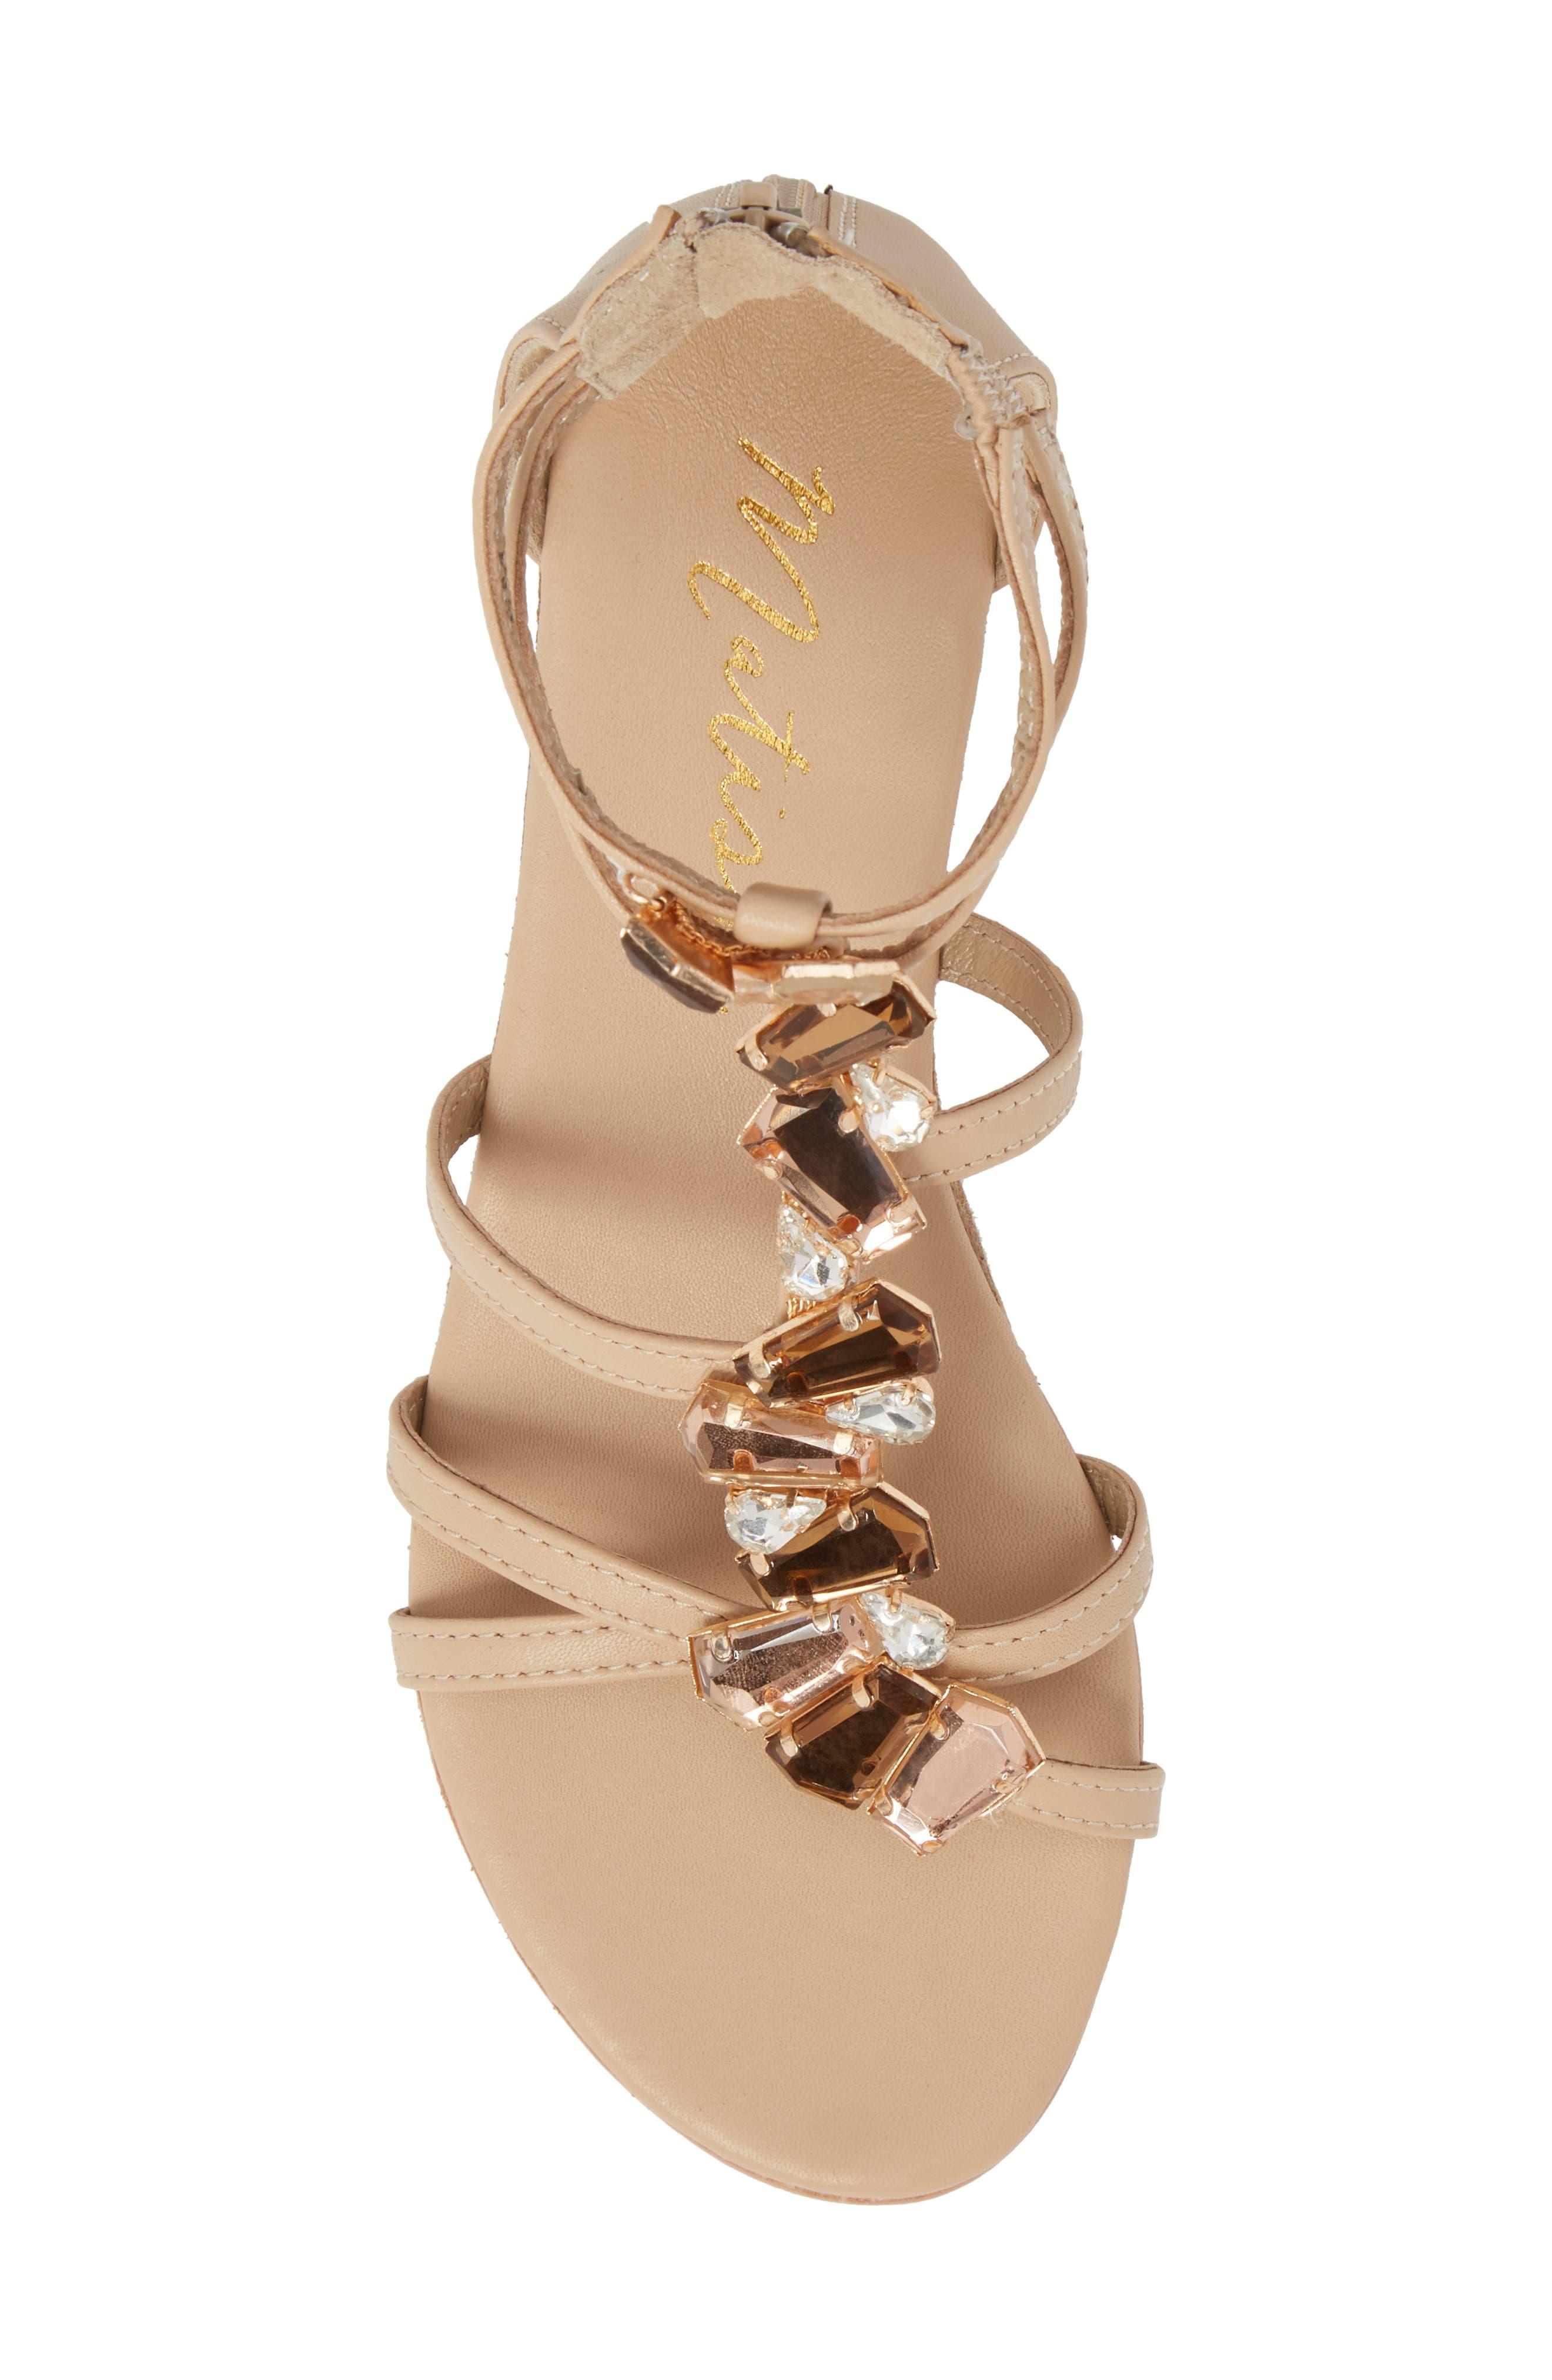 Didi Crystal Embellished Sandal,                             Alternate thumbnail 5, color,                             NATURAL LEATHER